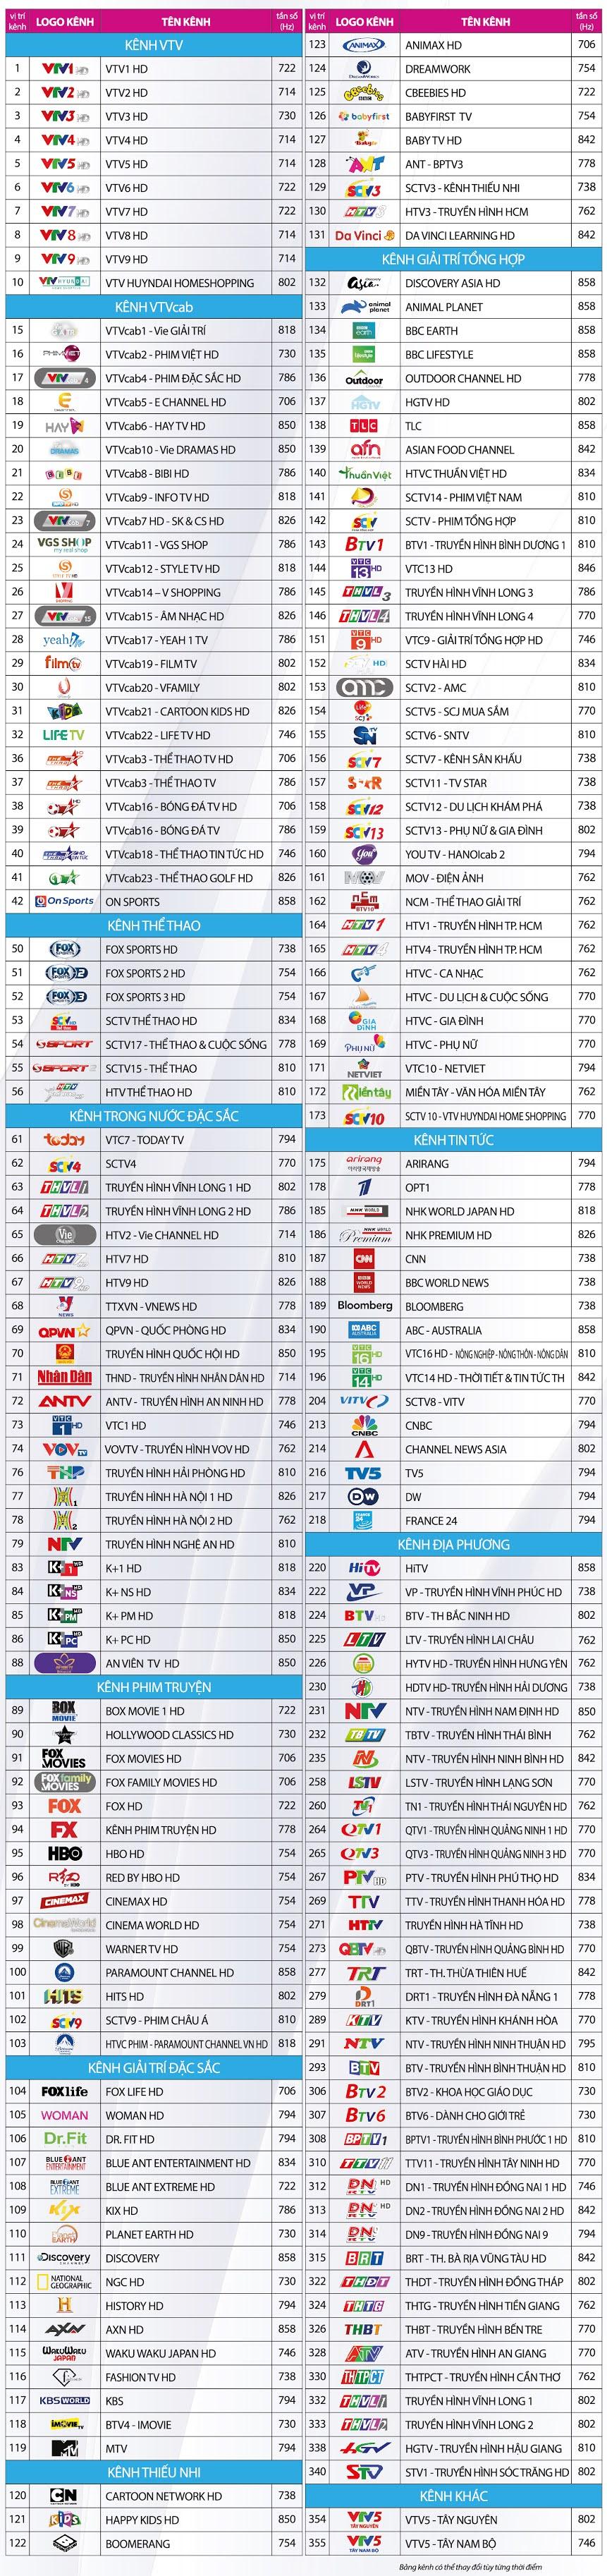 Danh sách kênh vTVcab tại TPHCM tháng 5-2021